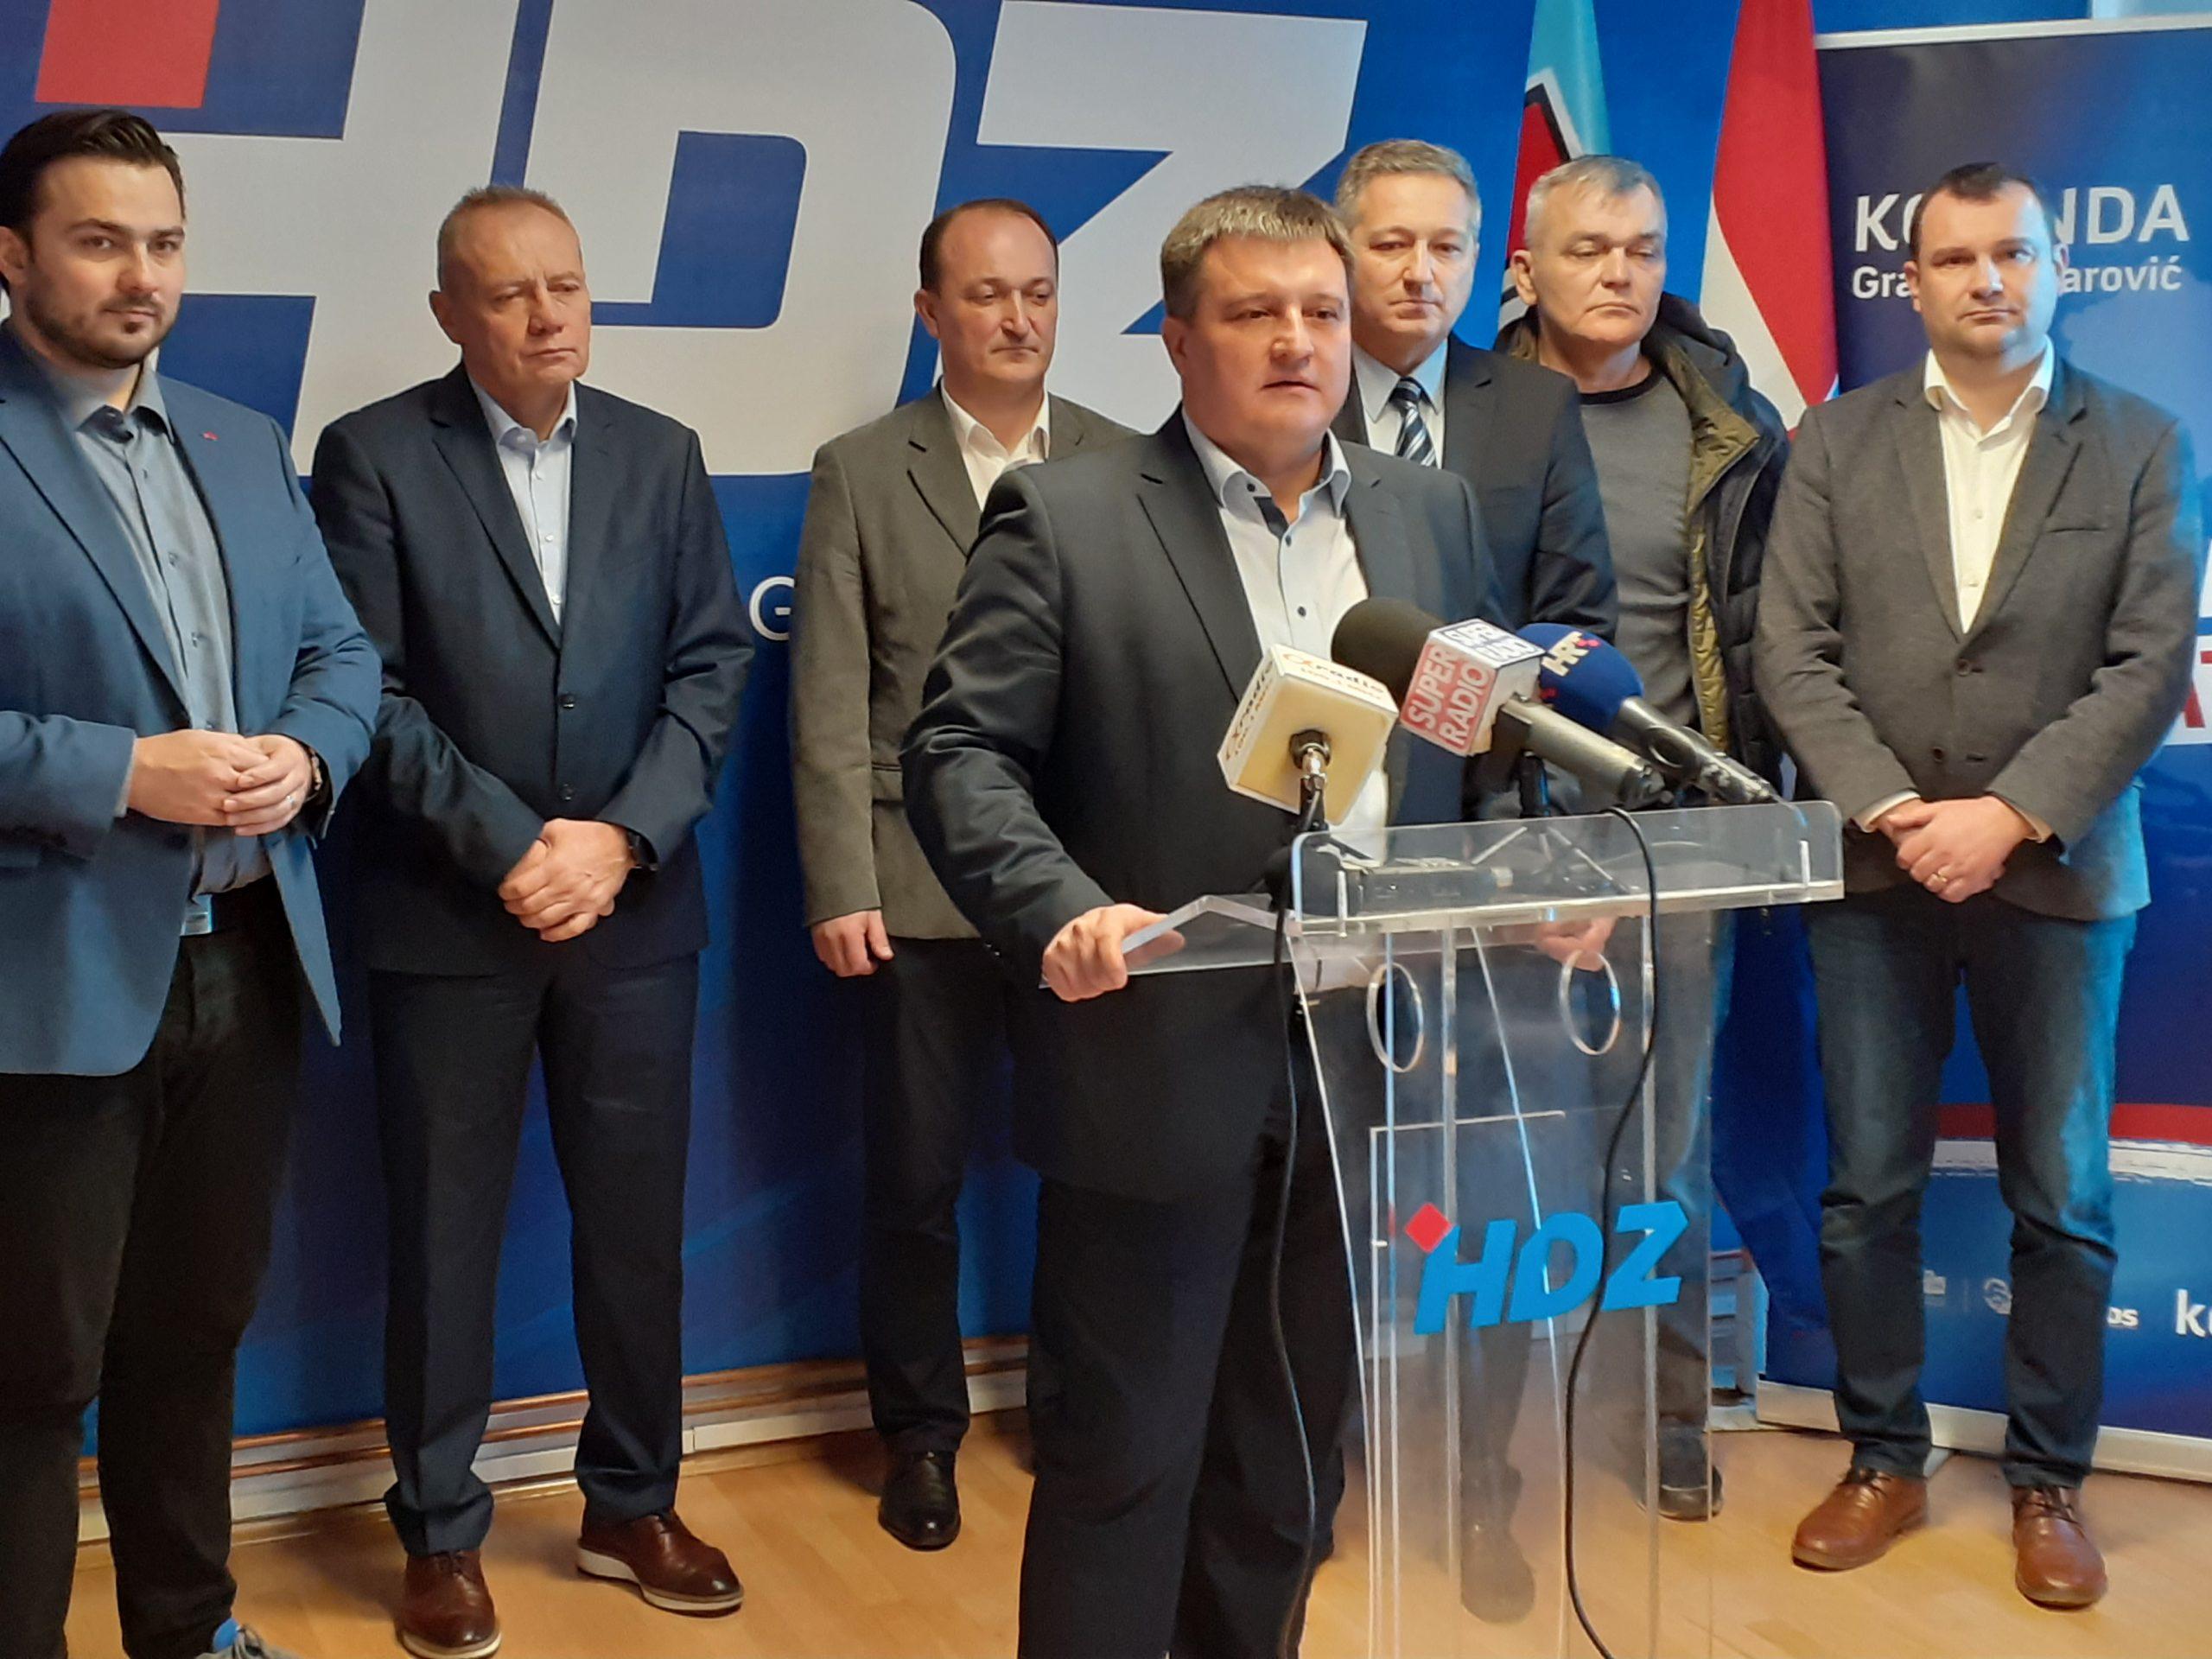 IZBORI U HDZ-u Izabran Županijski odbor i izaslanici za Opći sabor